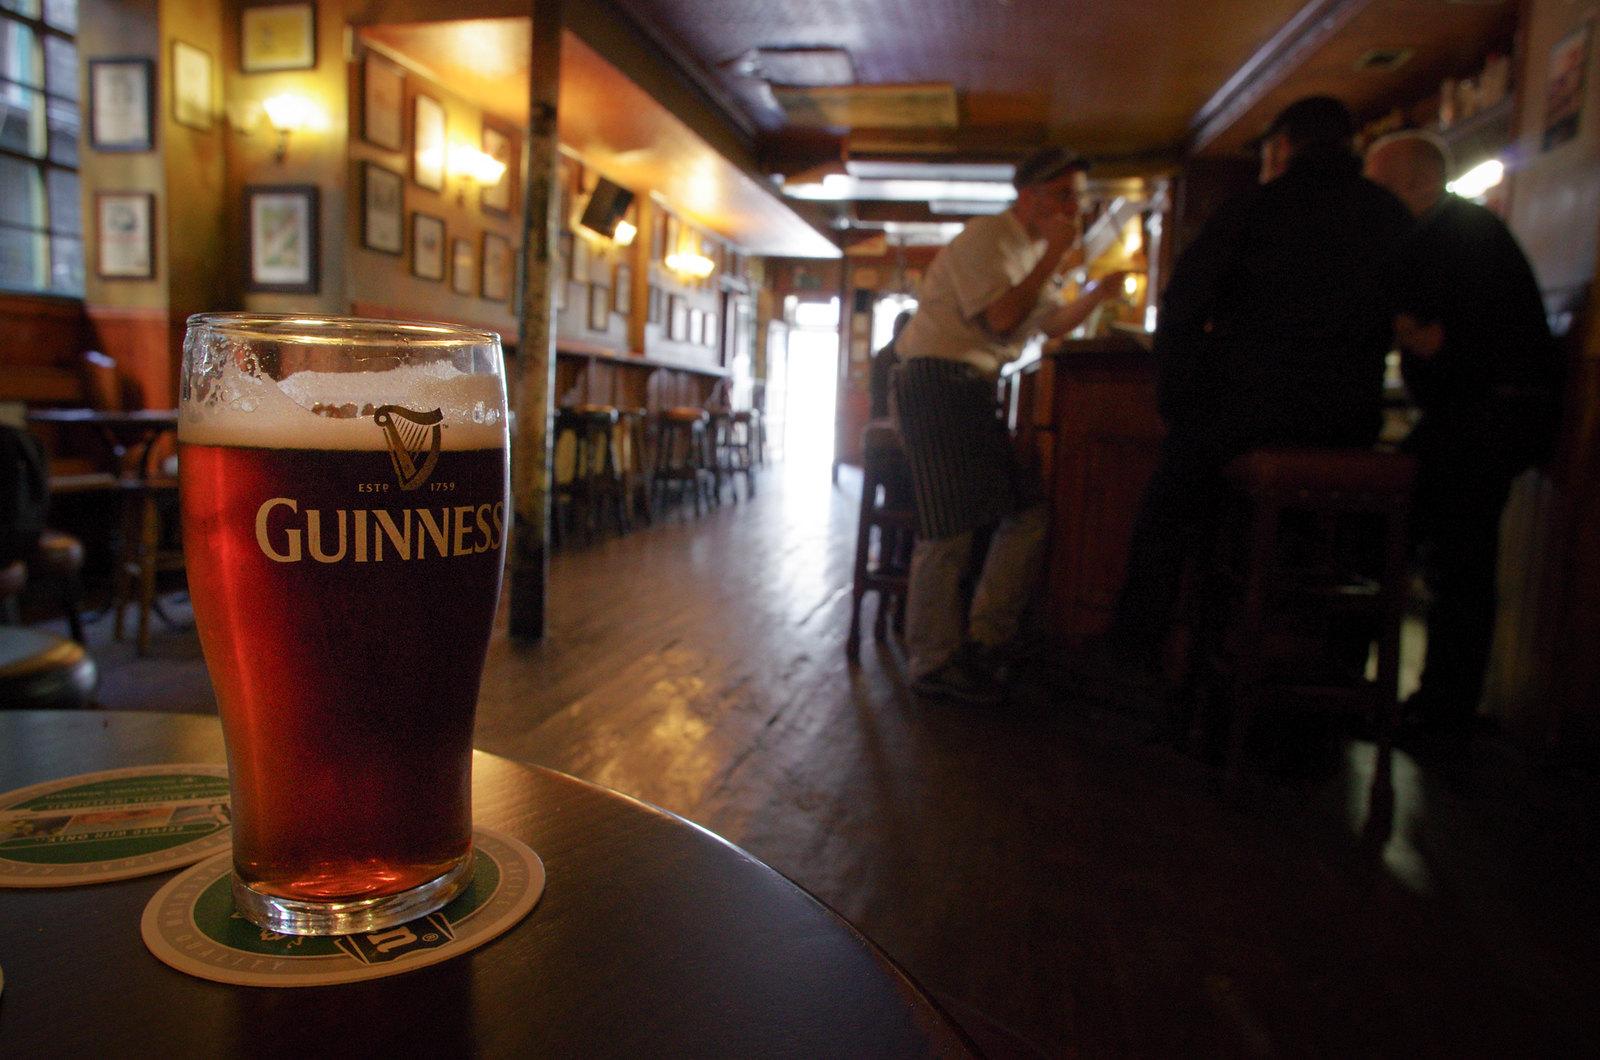 Première douche irlandaise - Une Guiness au Brogan's - Carnet de voyage Irlande